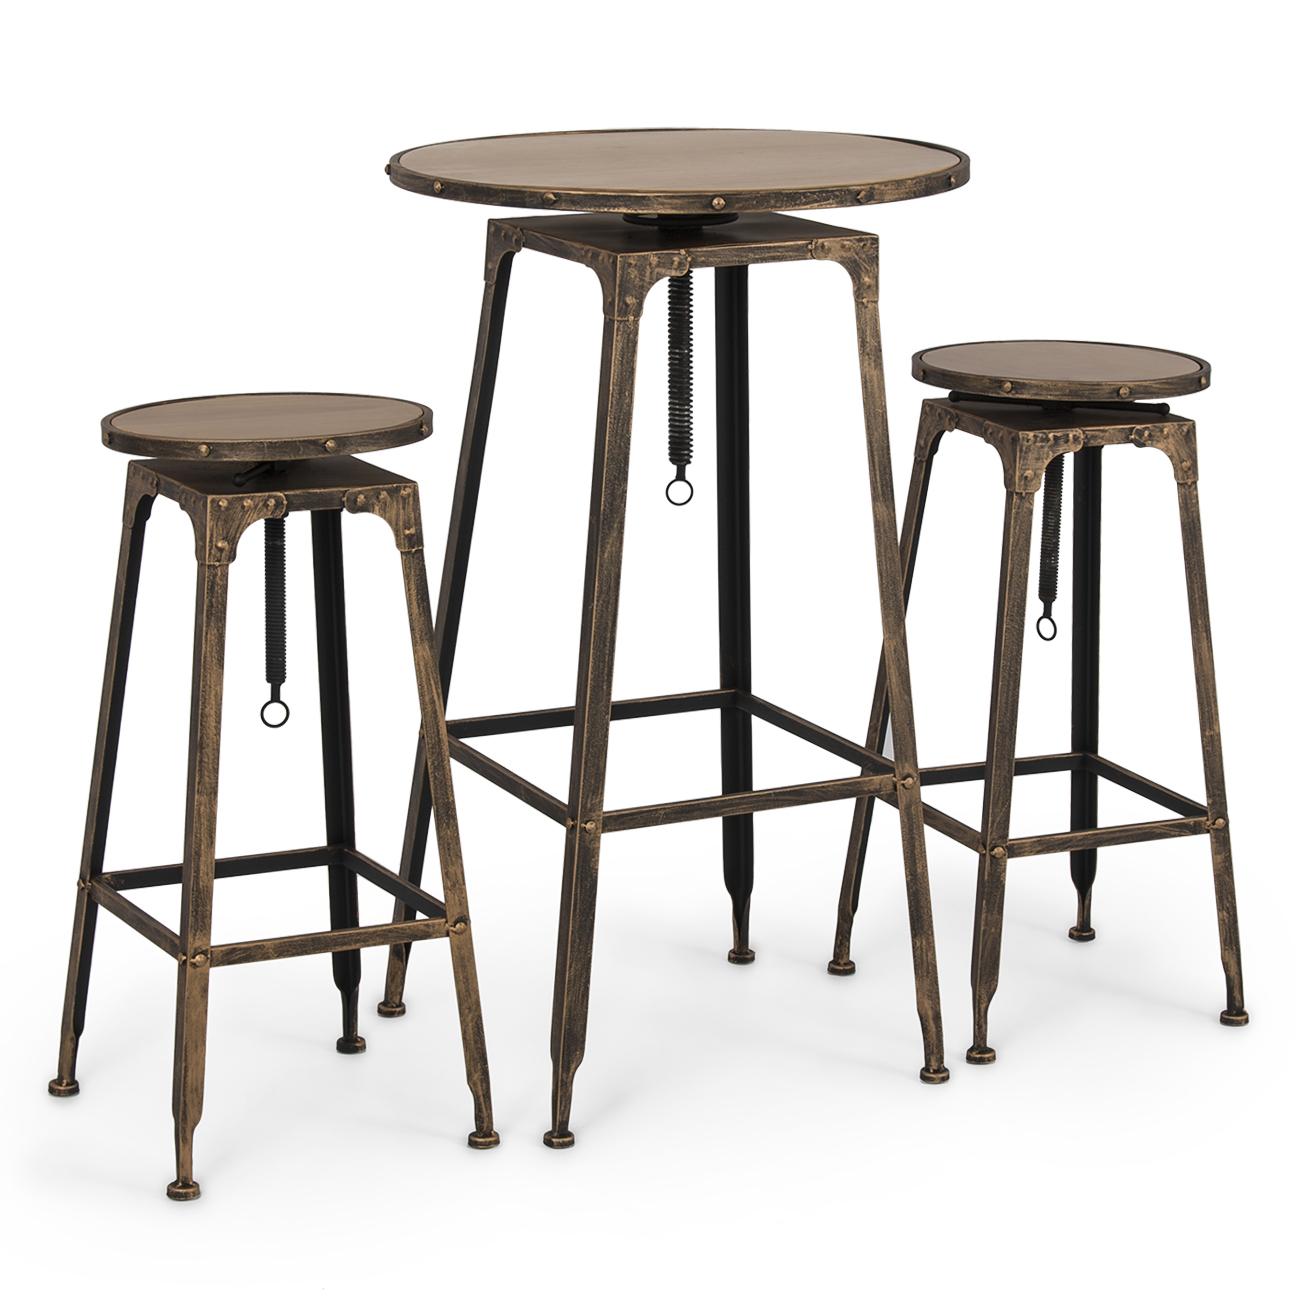 pc adjustable pub table w stools vintage antique bistro high  - pc adjustable pub table w stools vintage antique bistro high industrialset